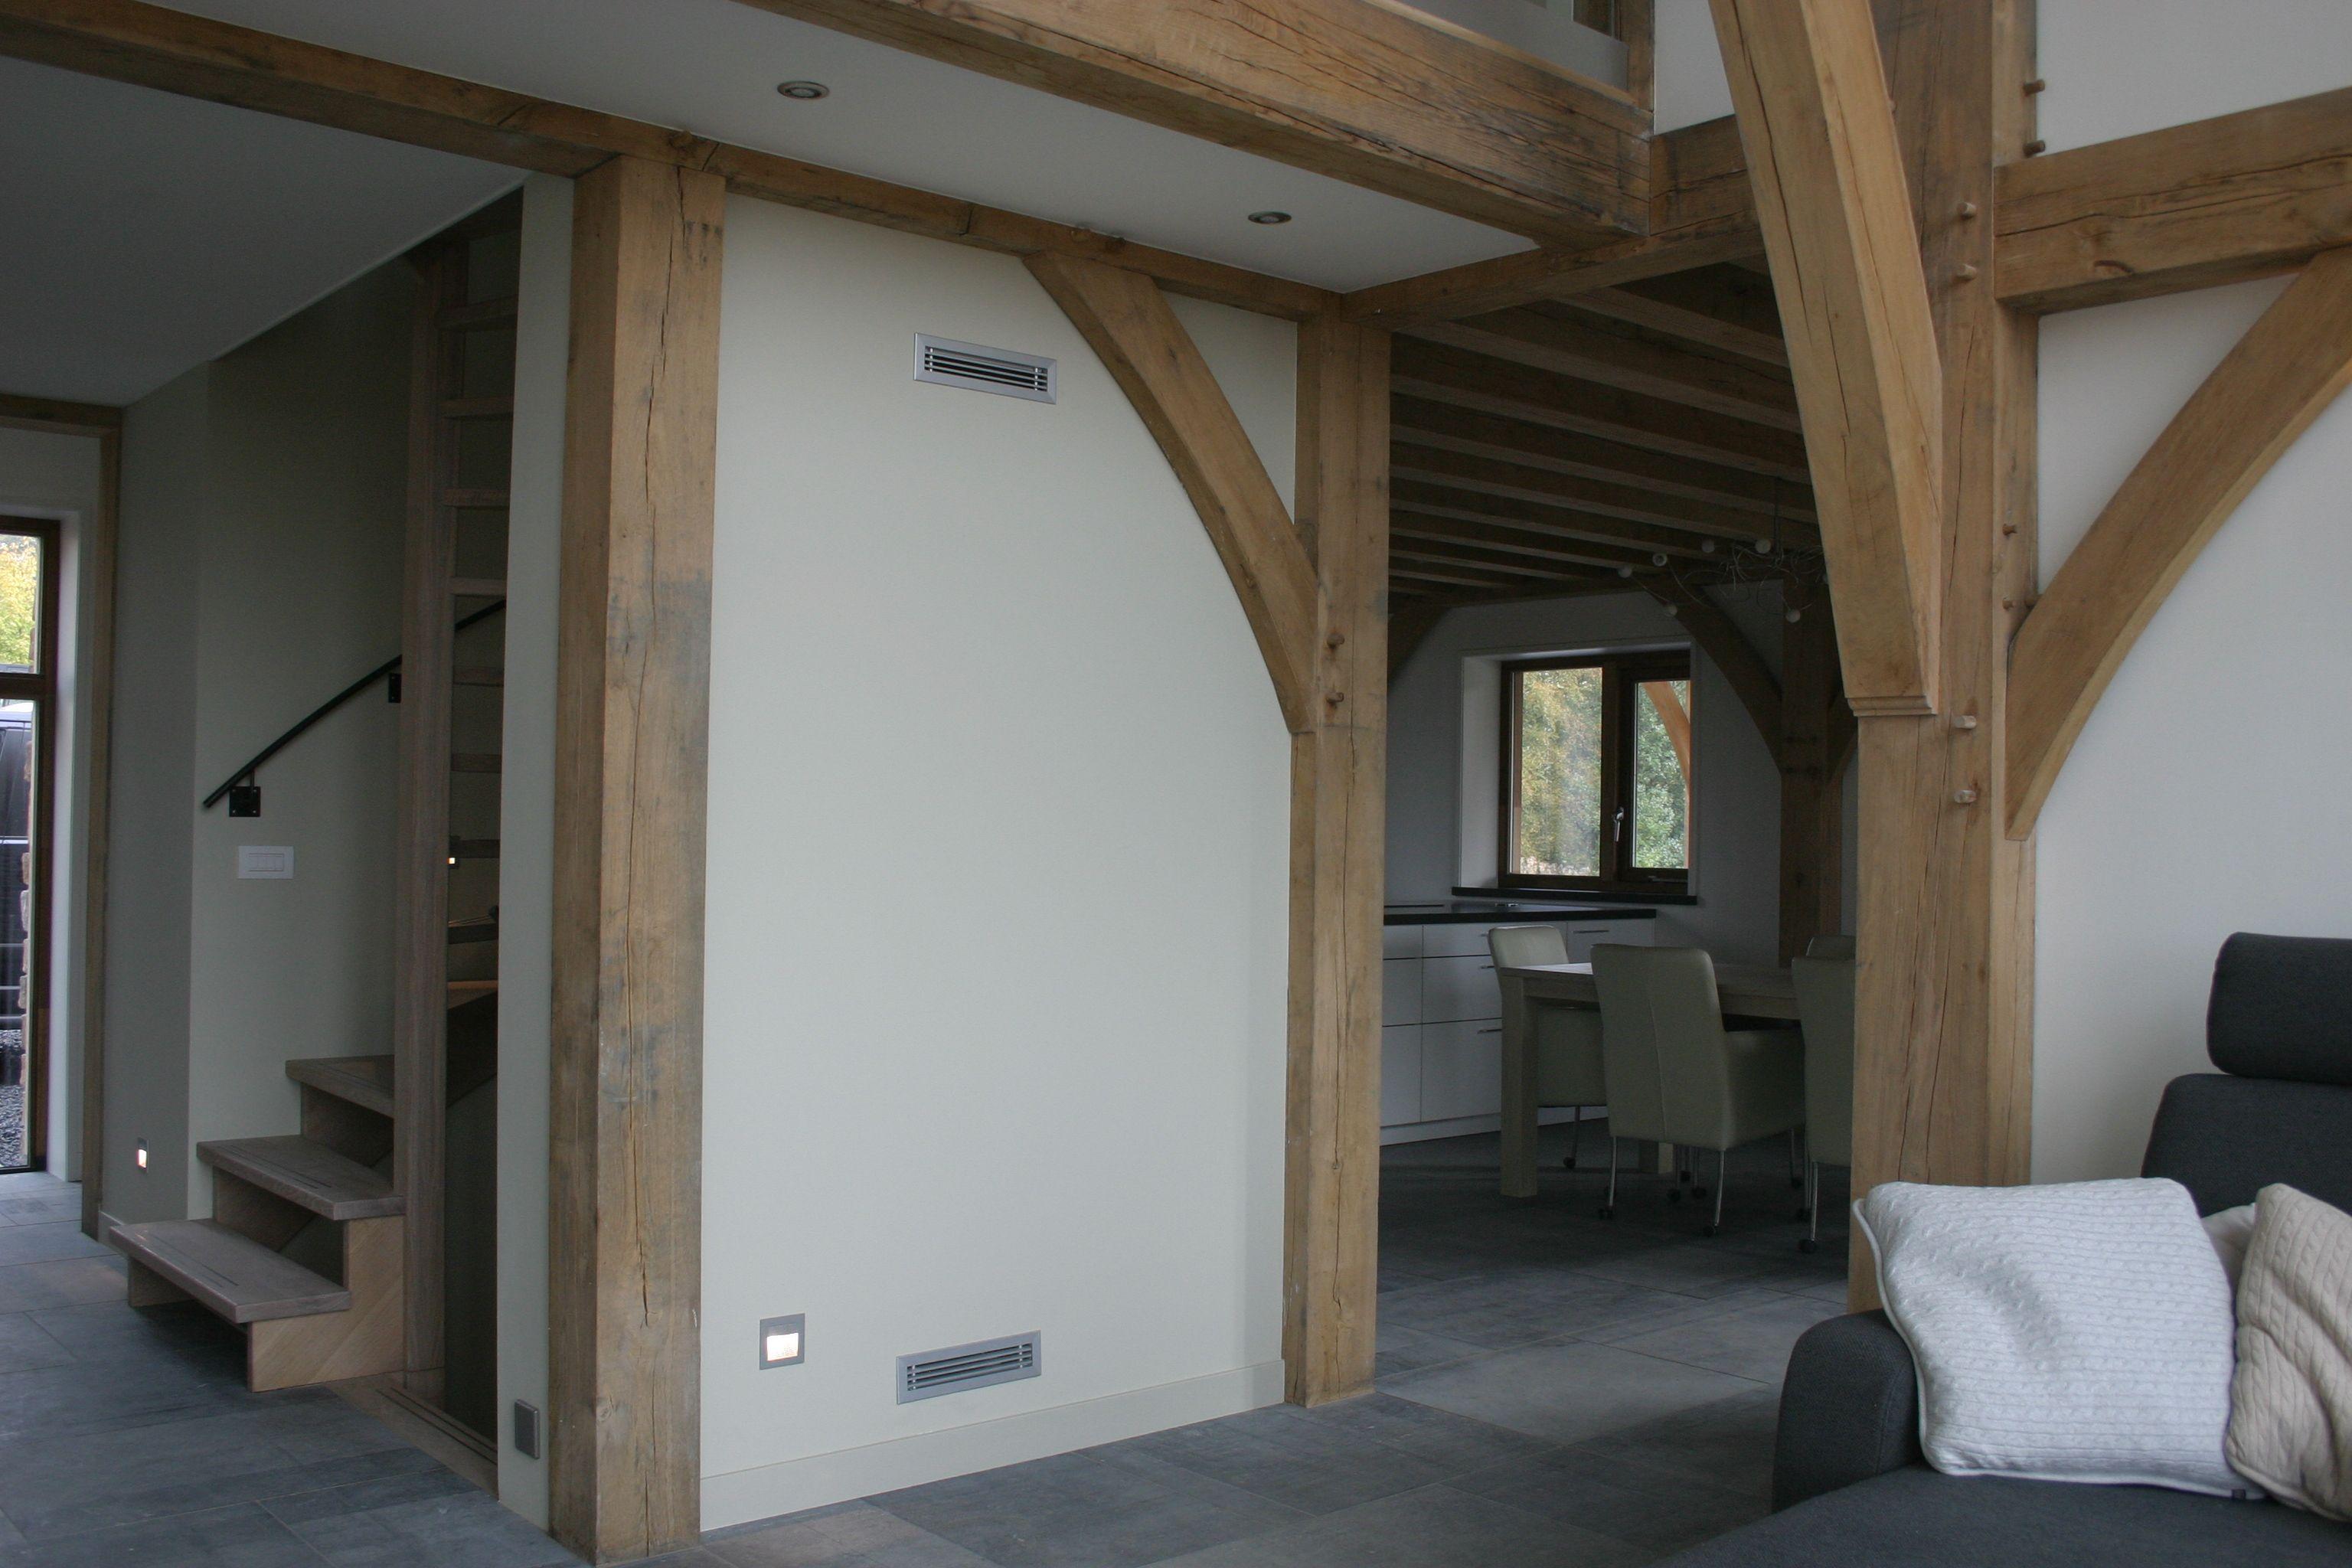 Woonkamer Met Vide : De woonkamer met vide met zicht op de open keuken en de trapopgang